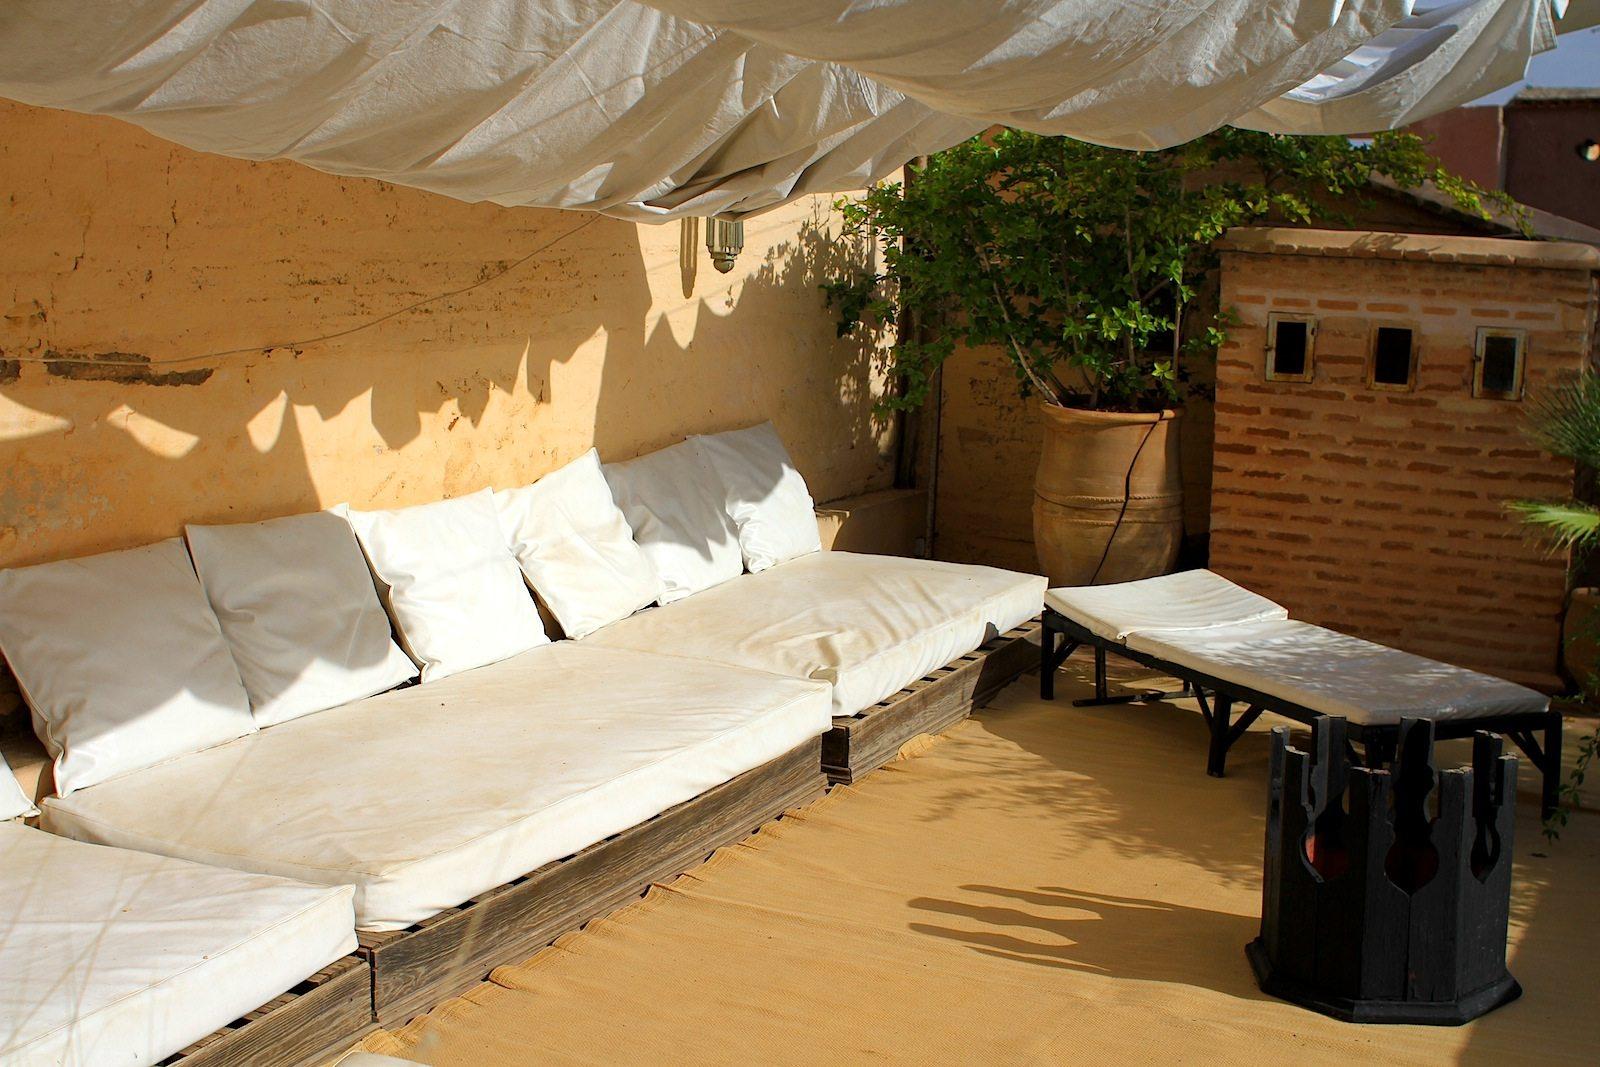 Dar Zelda.  In vielen Riads in der Medina entstanden Boutiquehotels, die ihre Dachterrassen zu wahren Entspannungslandschaften ausgebaut haben.